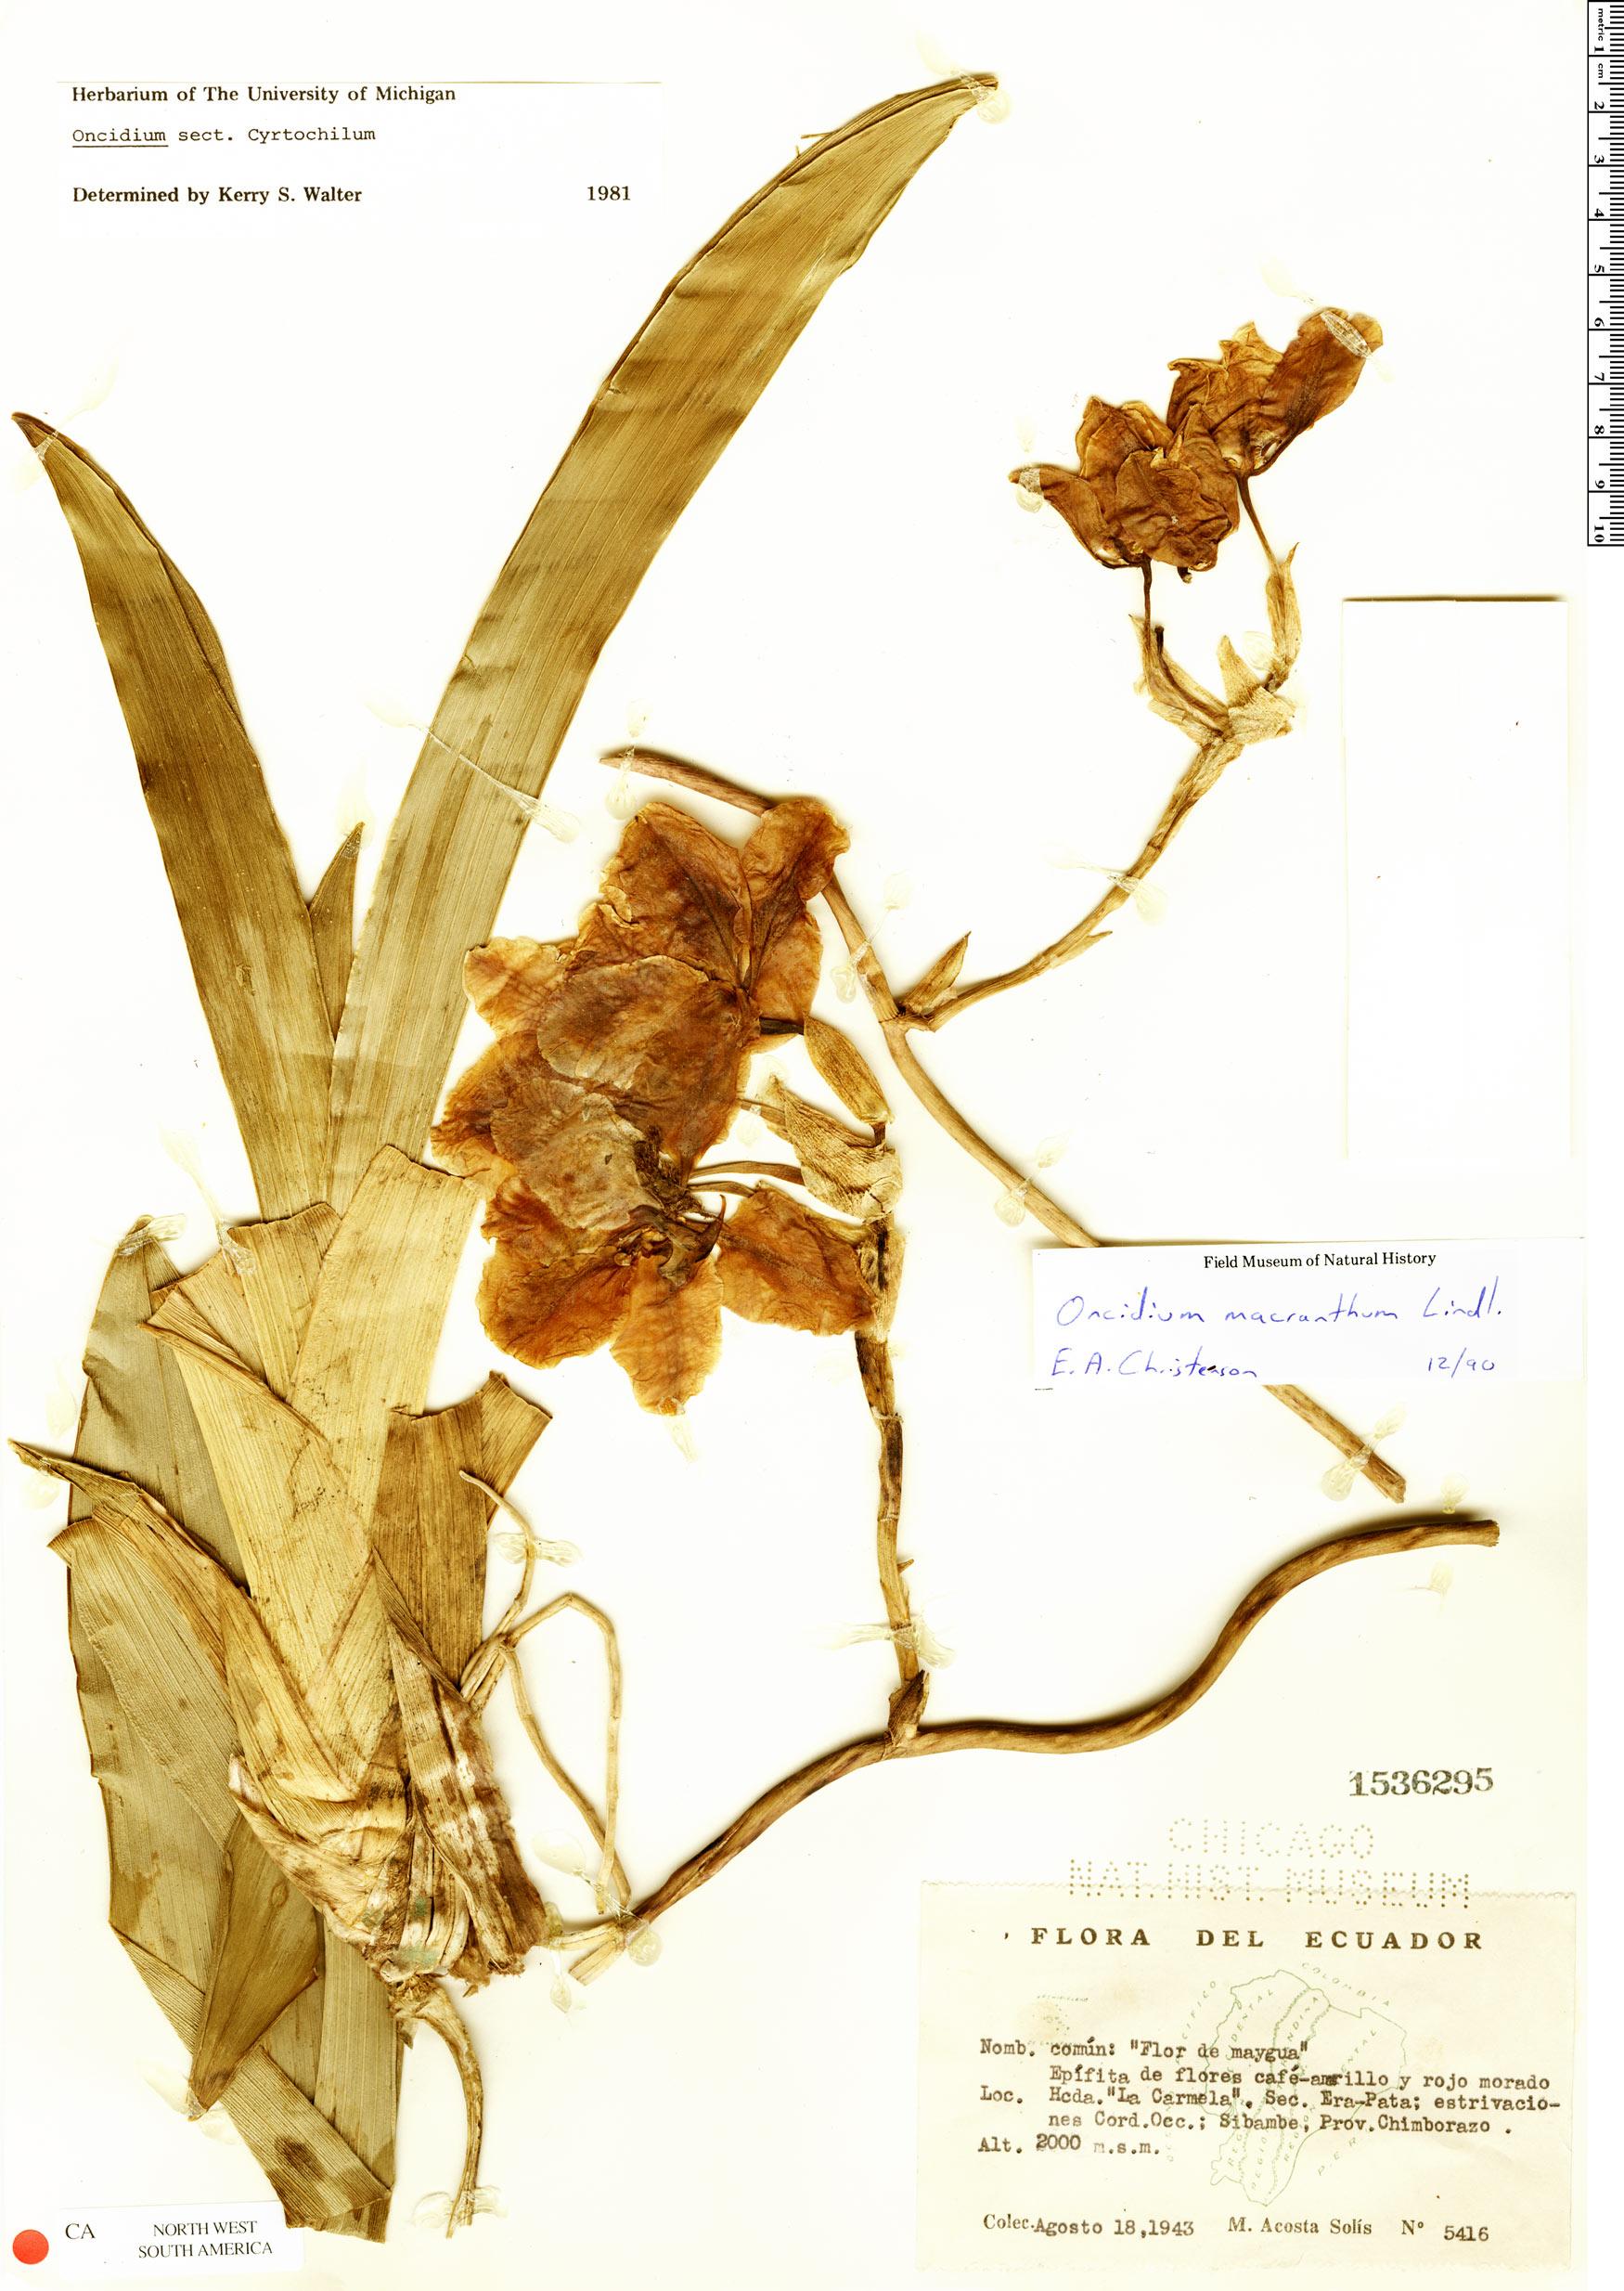 Specimen: Oncidium macranthum